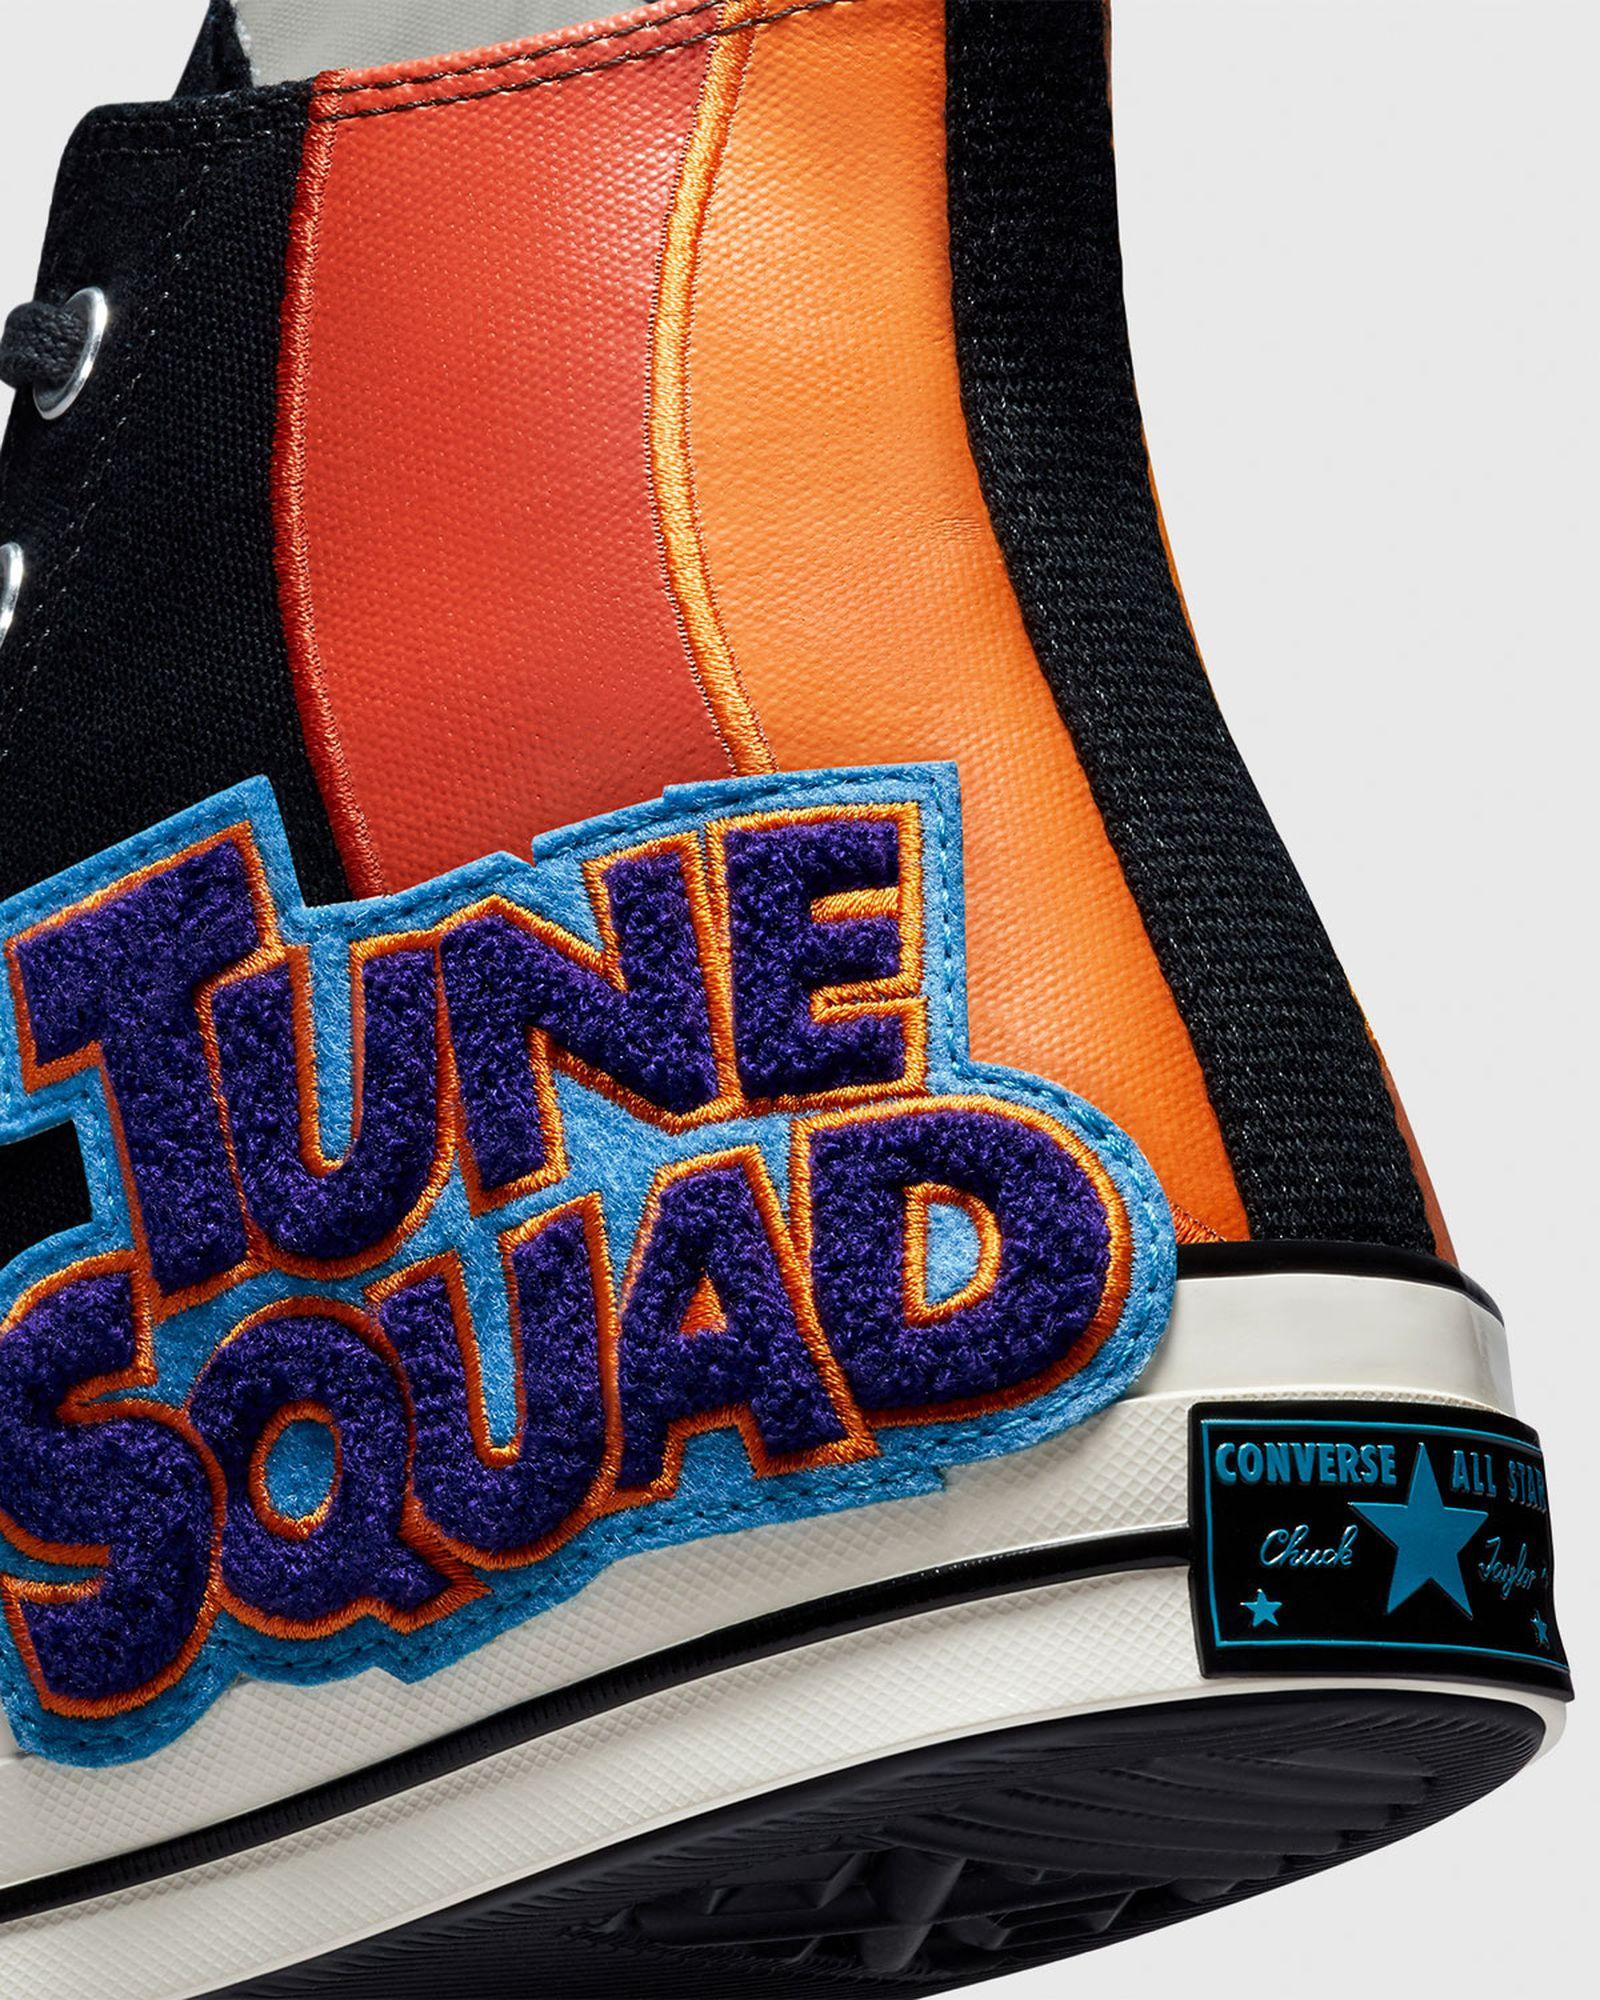 converse-space-jam-2-pack-release-date-price-tuna-squad-08